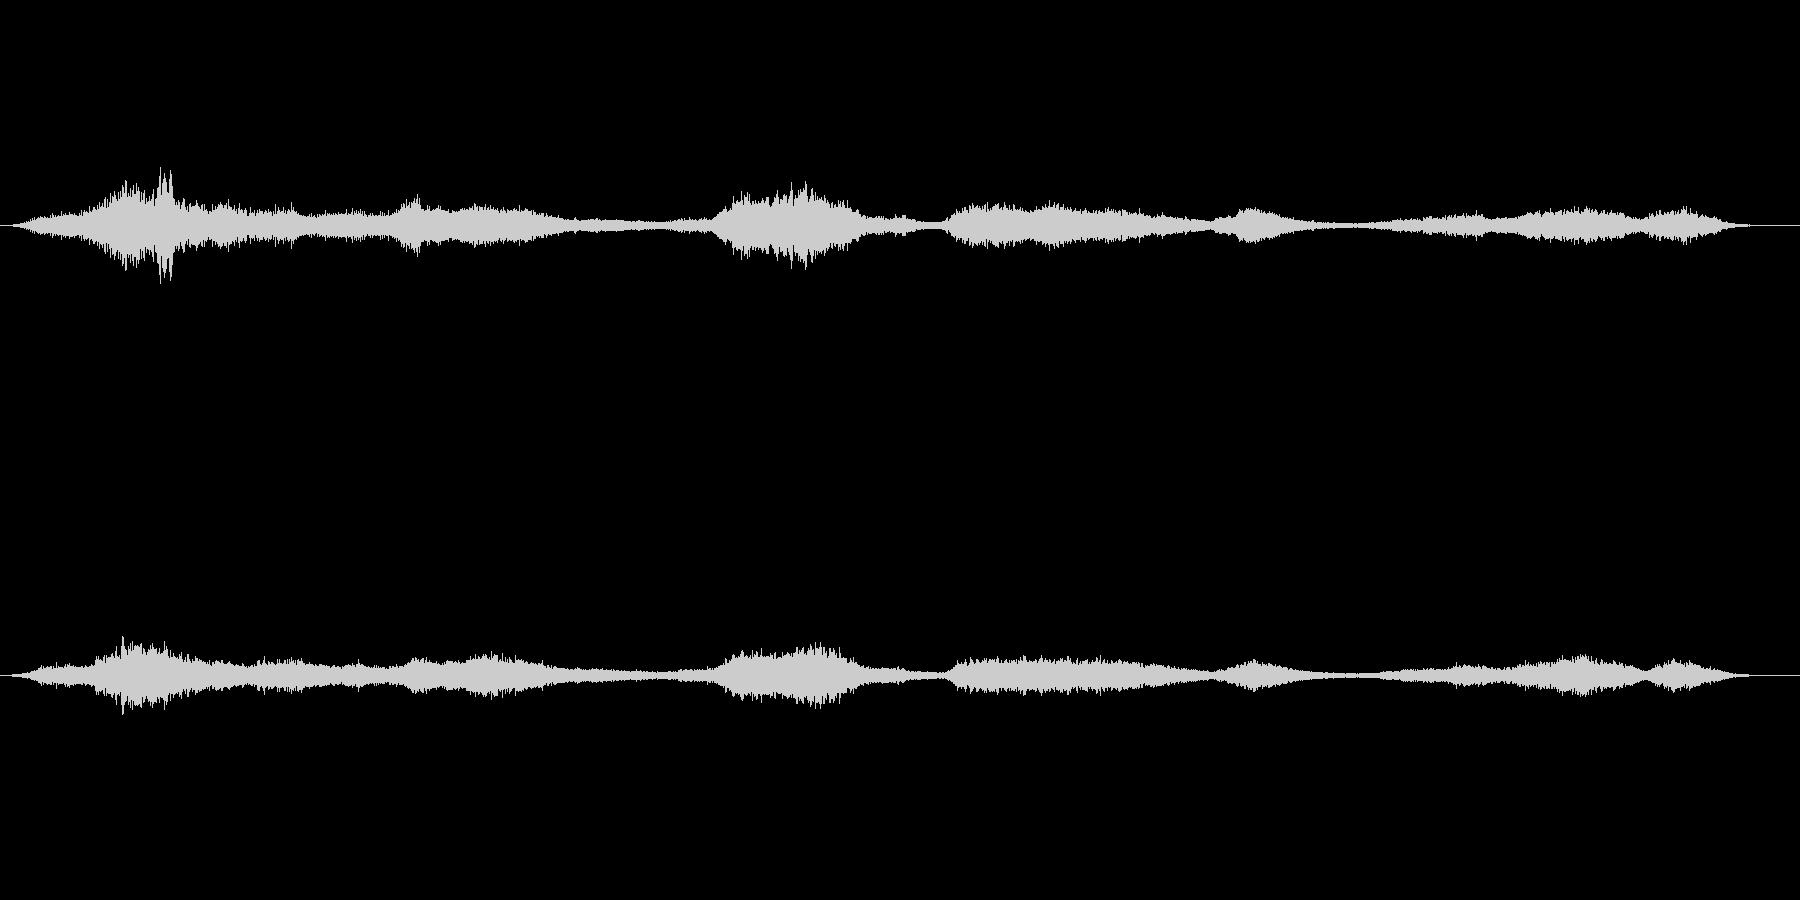 効果音 スピリチュアル、ホラー、超能力…の未再生の波形